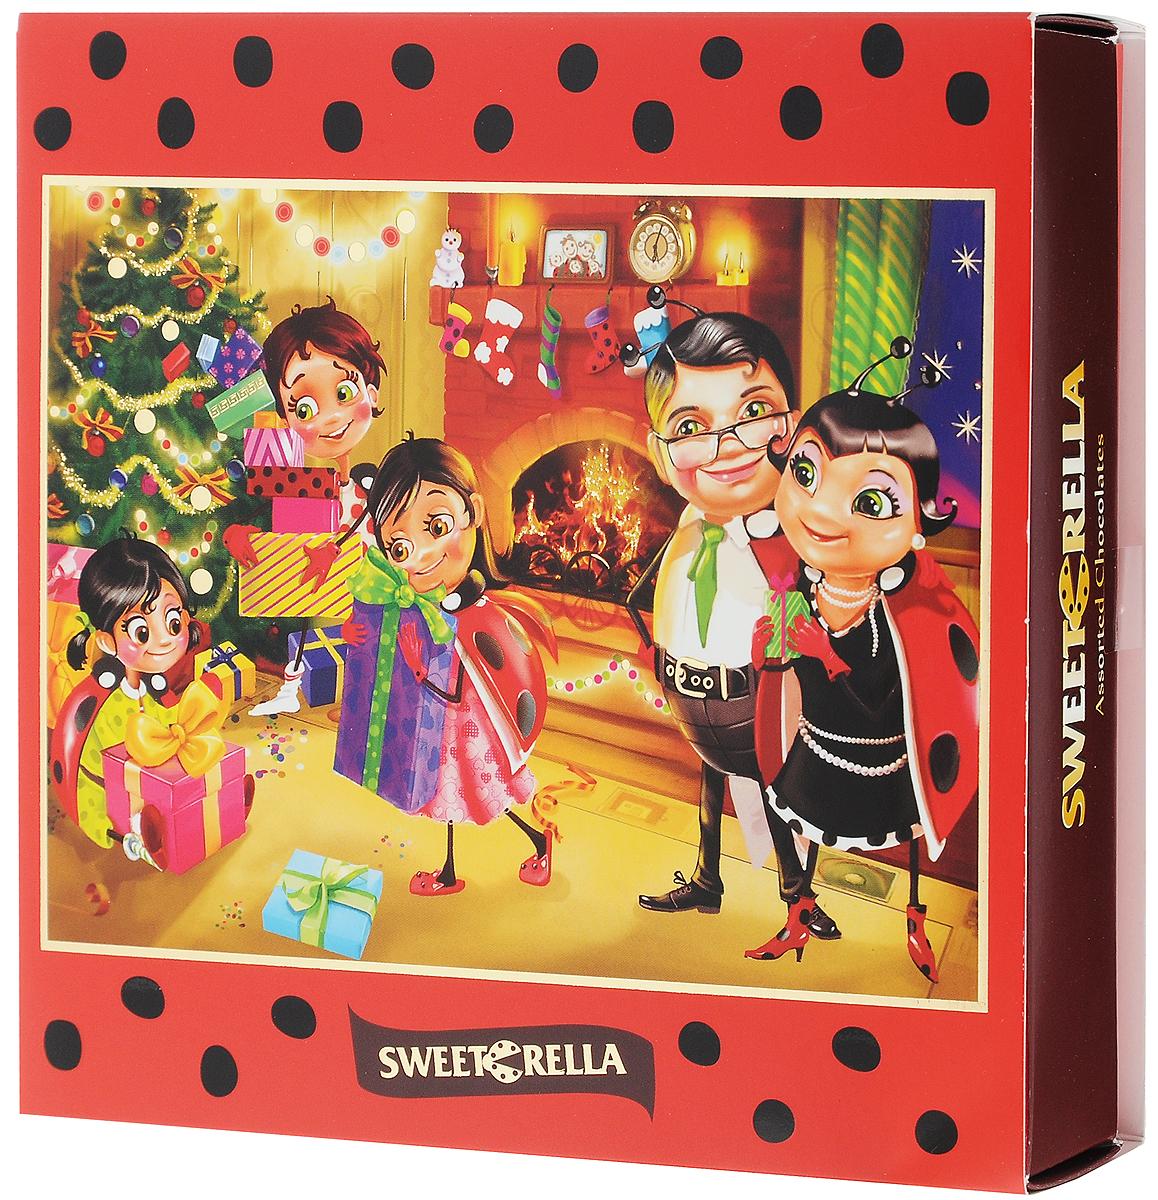 Sweeterella конфеты шоколадные ассорти, 9 шт, 130 гиба010Великолепный набор шоколадных конфет ручной работы Sweeterella в яркой новогодней упаковке порадуют любого, даже самого искушенного сладкоежку… Шоколадные конфеты с оригинальными начинками: - дуэт клубники и киви с хрустящими кусочками какао-бобов; - оригинальное сочетание кофе и кокоса; - конфеты с шоколадным кремом и цельным лесным орехом. Уважаемые клиенты! Обращаем ваше внимание, что полный перечень состава продукта представлен на дополнительном изображении.